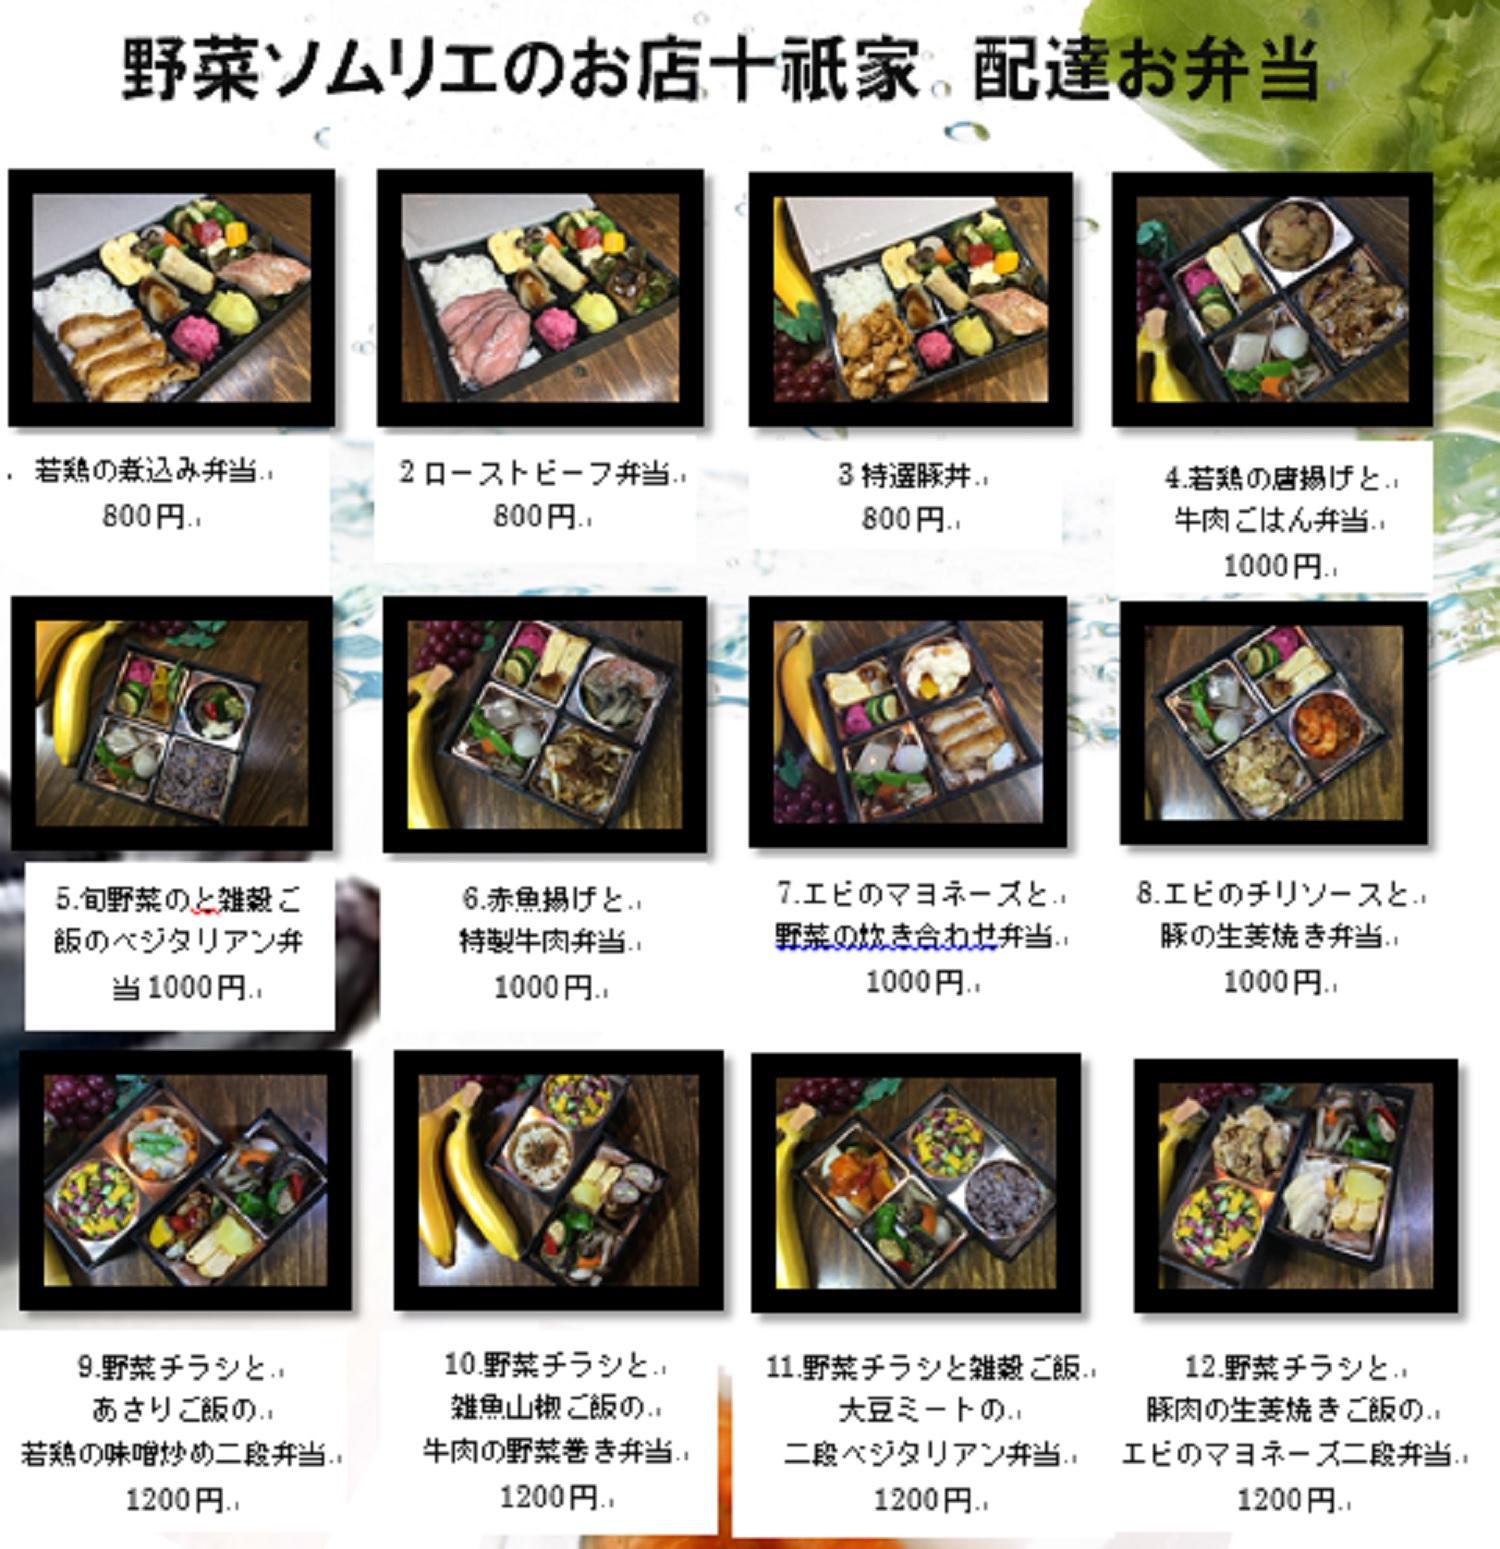 野菜ソムリエのお店十祇家木屋町御池店